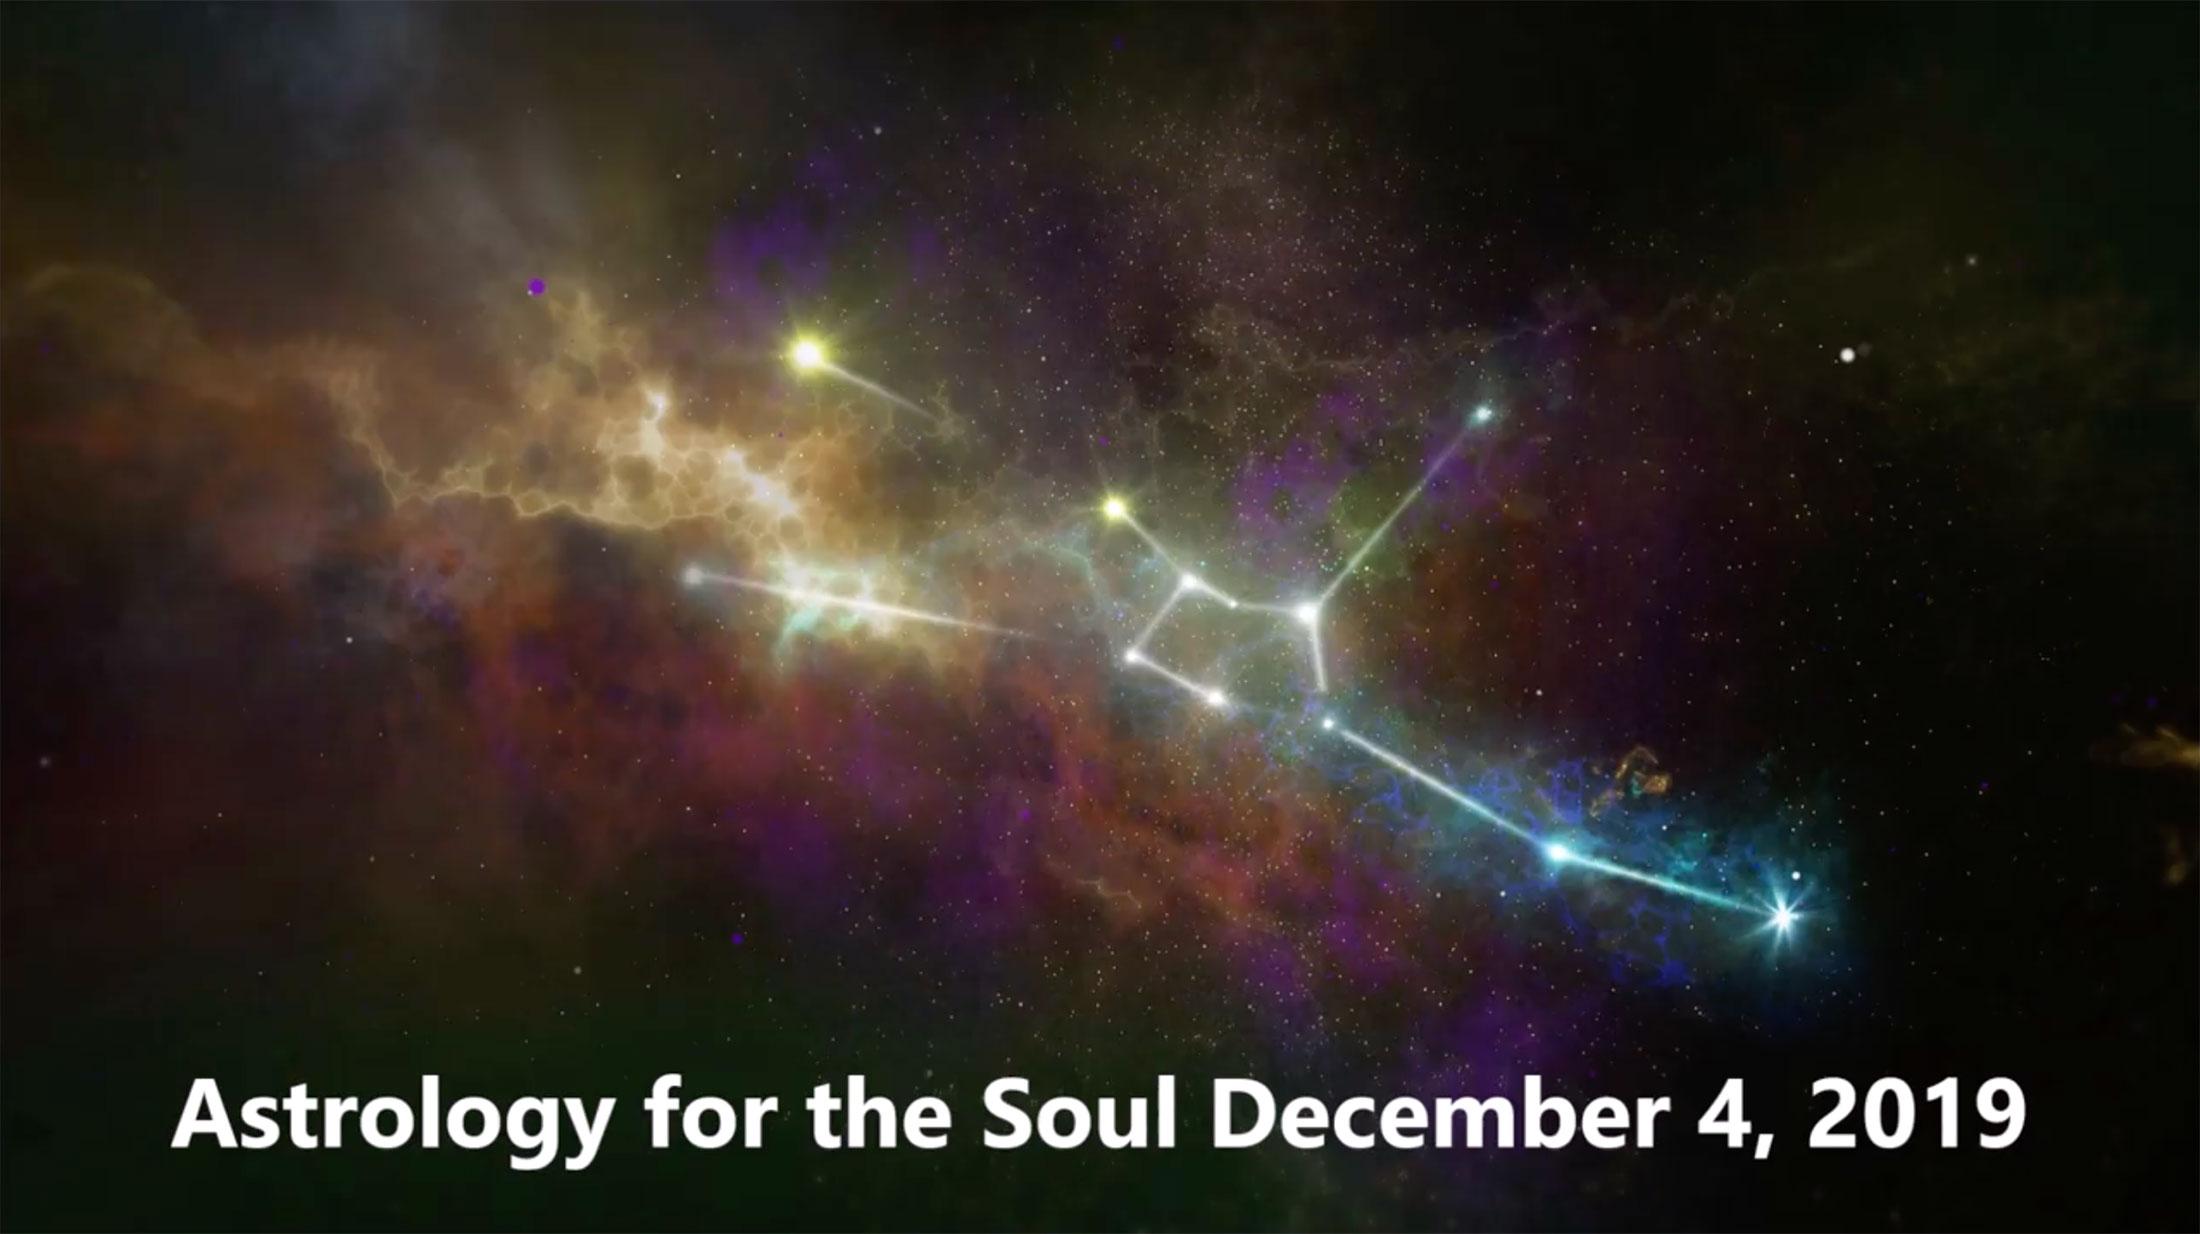 Dec 4th, 2019 – Pele Report, Astrology Forecast